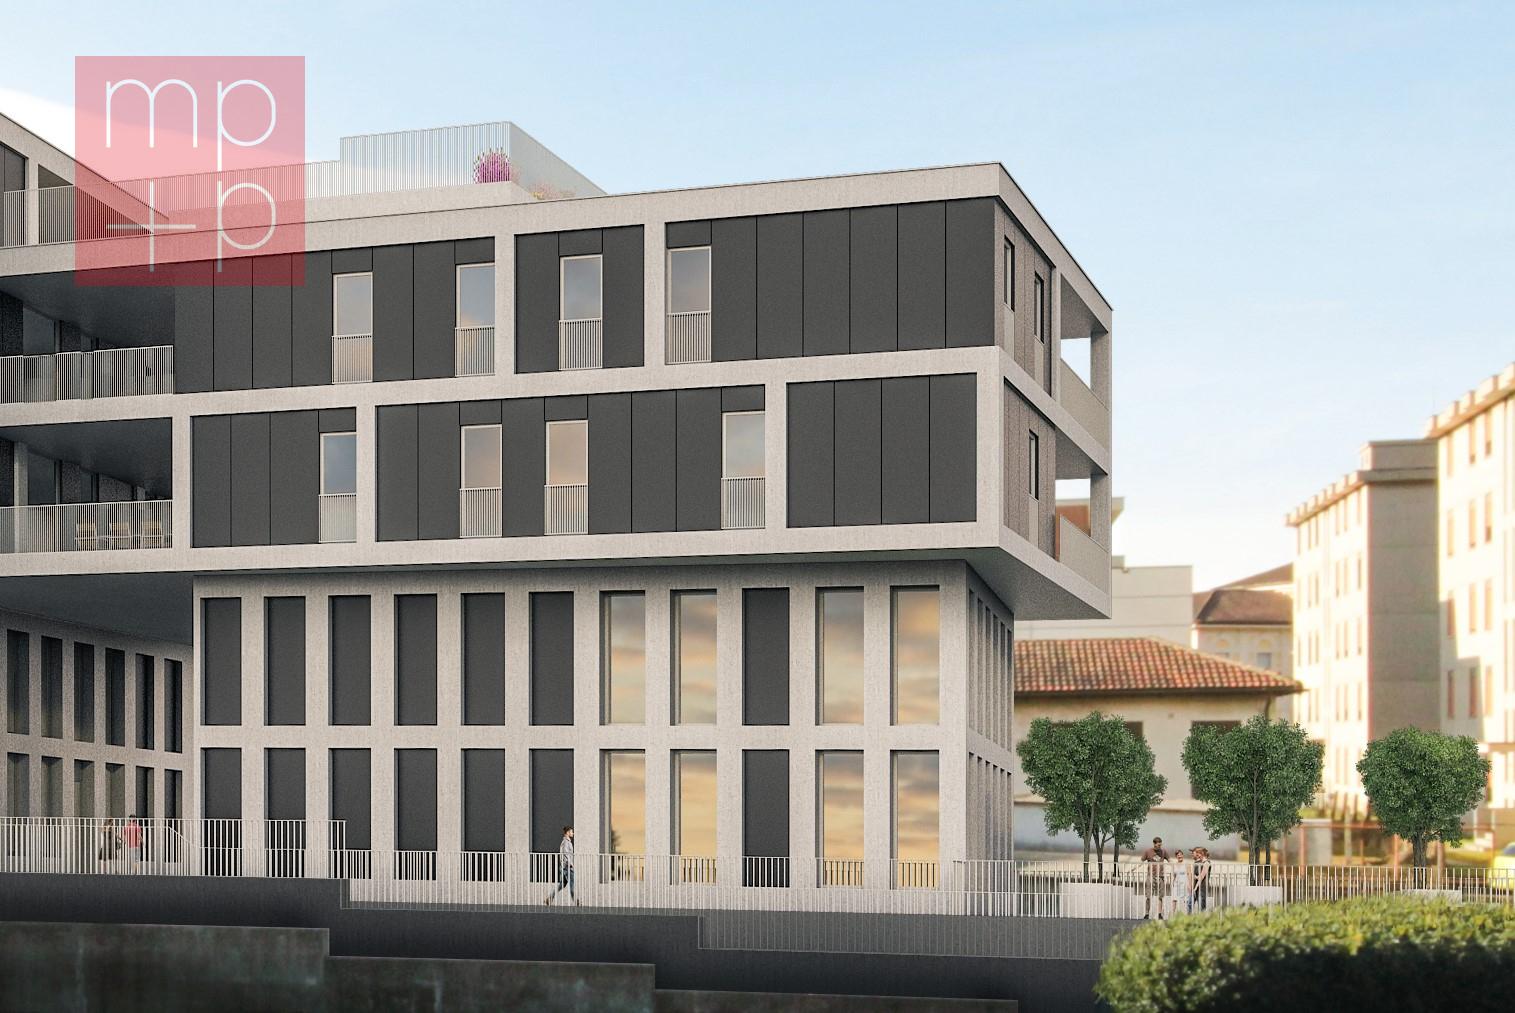 Studio / Office for Sale in Mendrisio